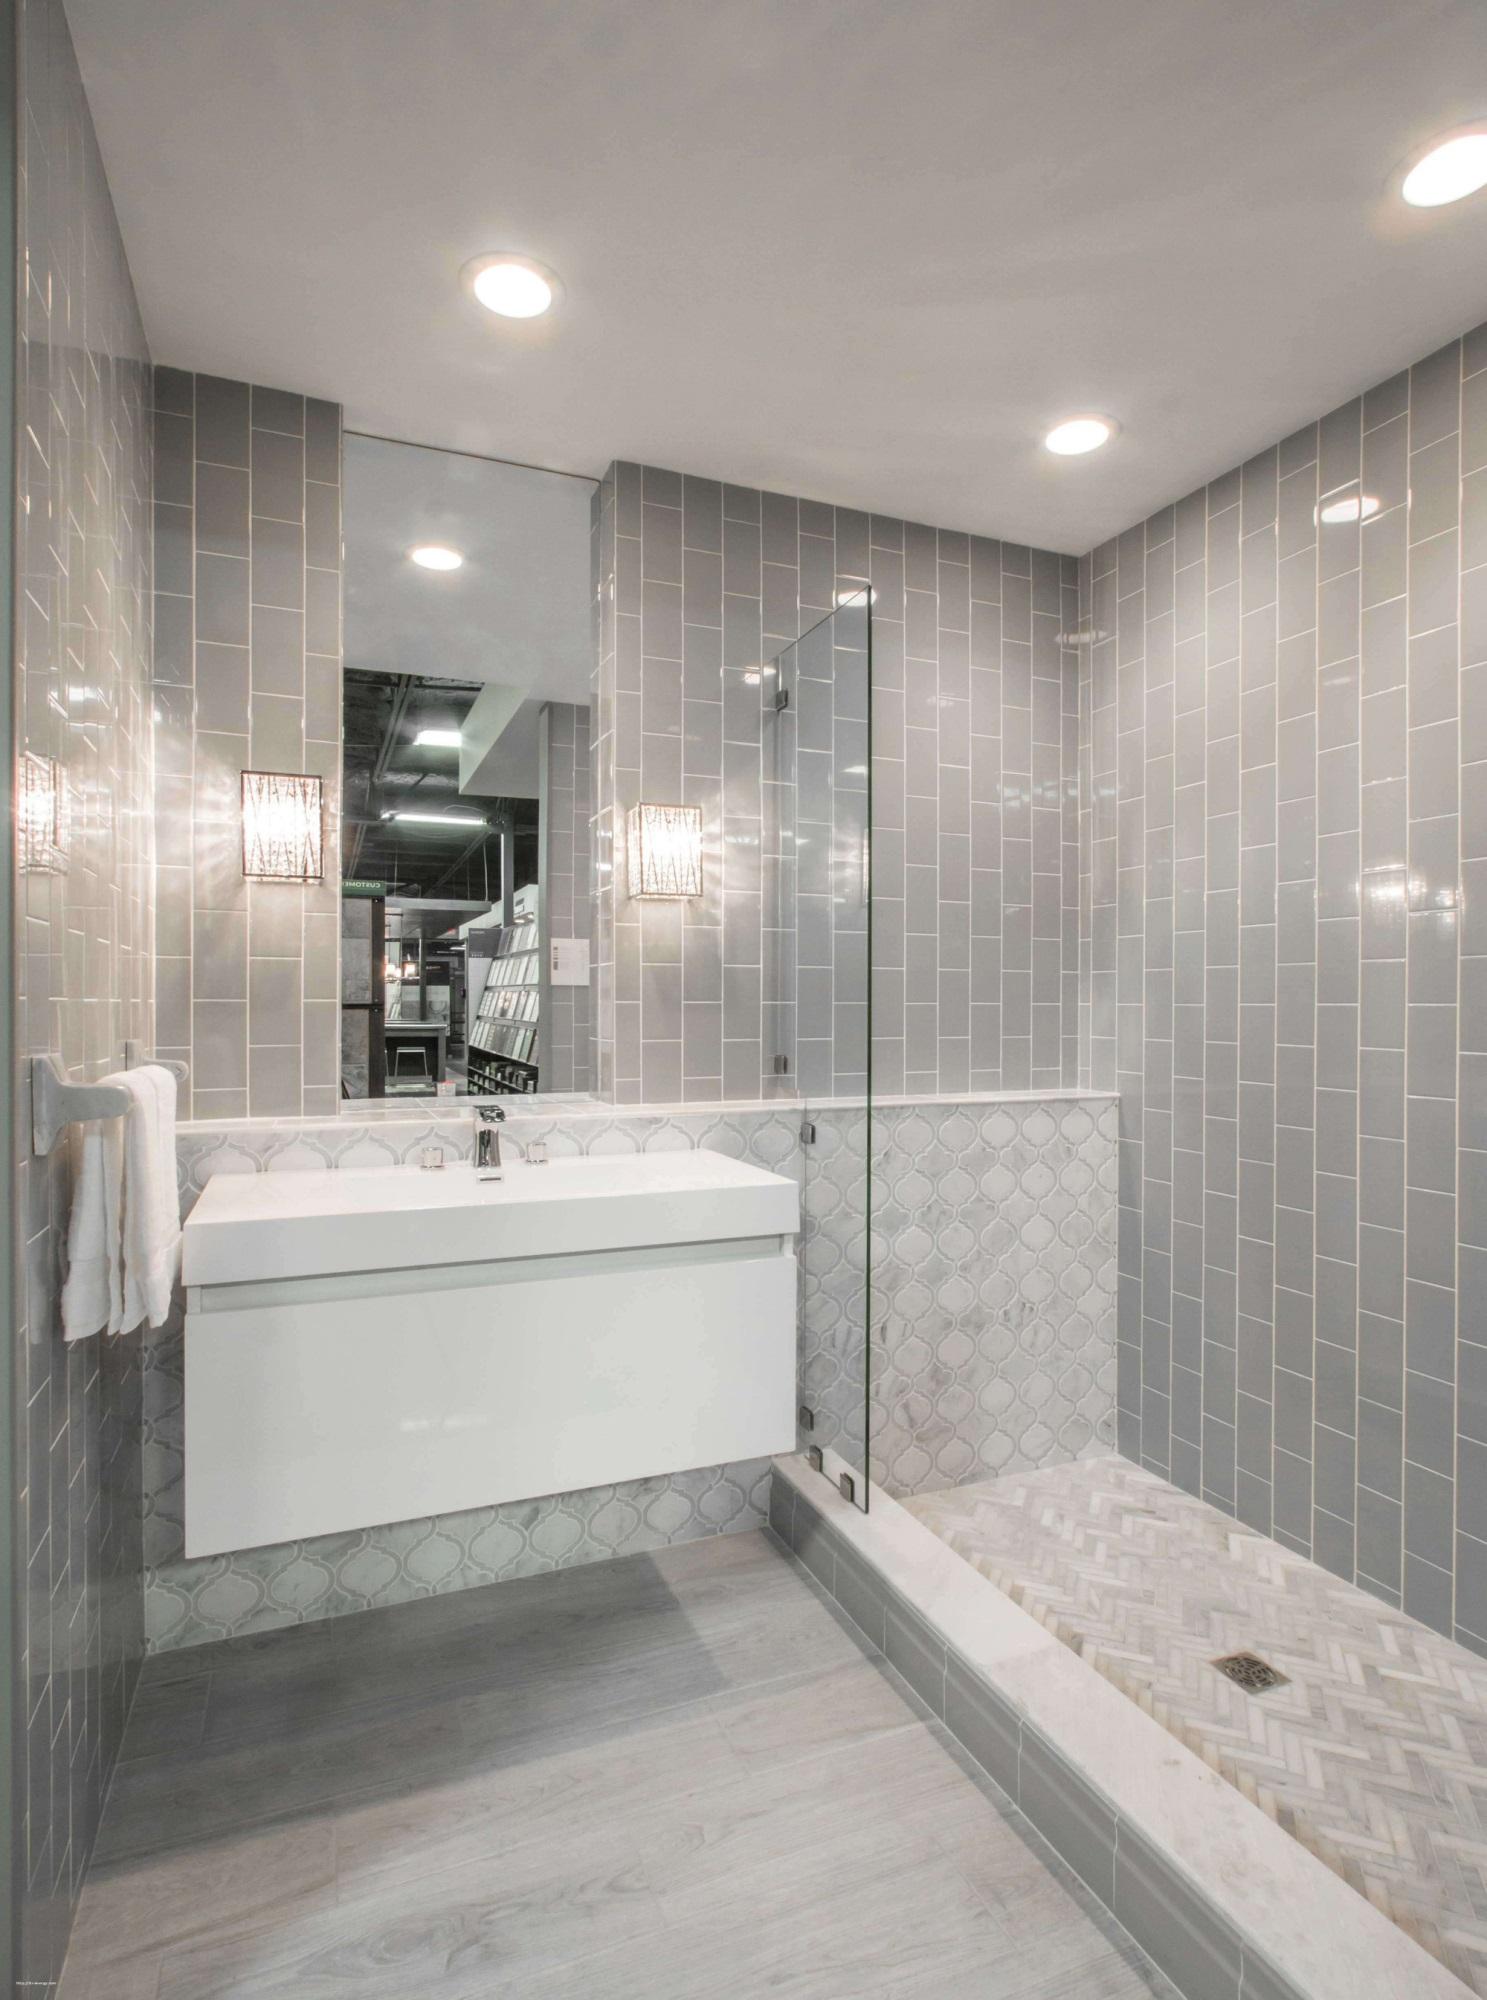 Tư vấn thiết kế căn hộ thô có diện tích 54m² với tổng chi phí 83 triệu đồng - Ảnh 10